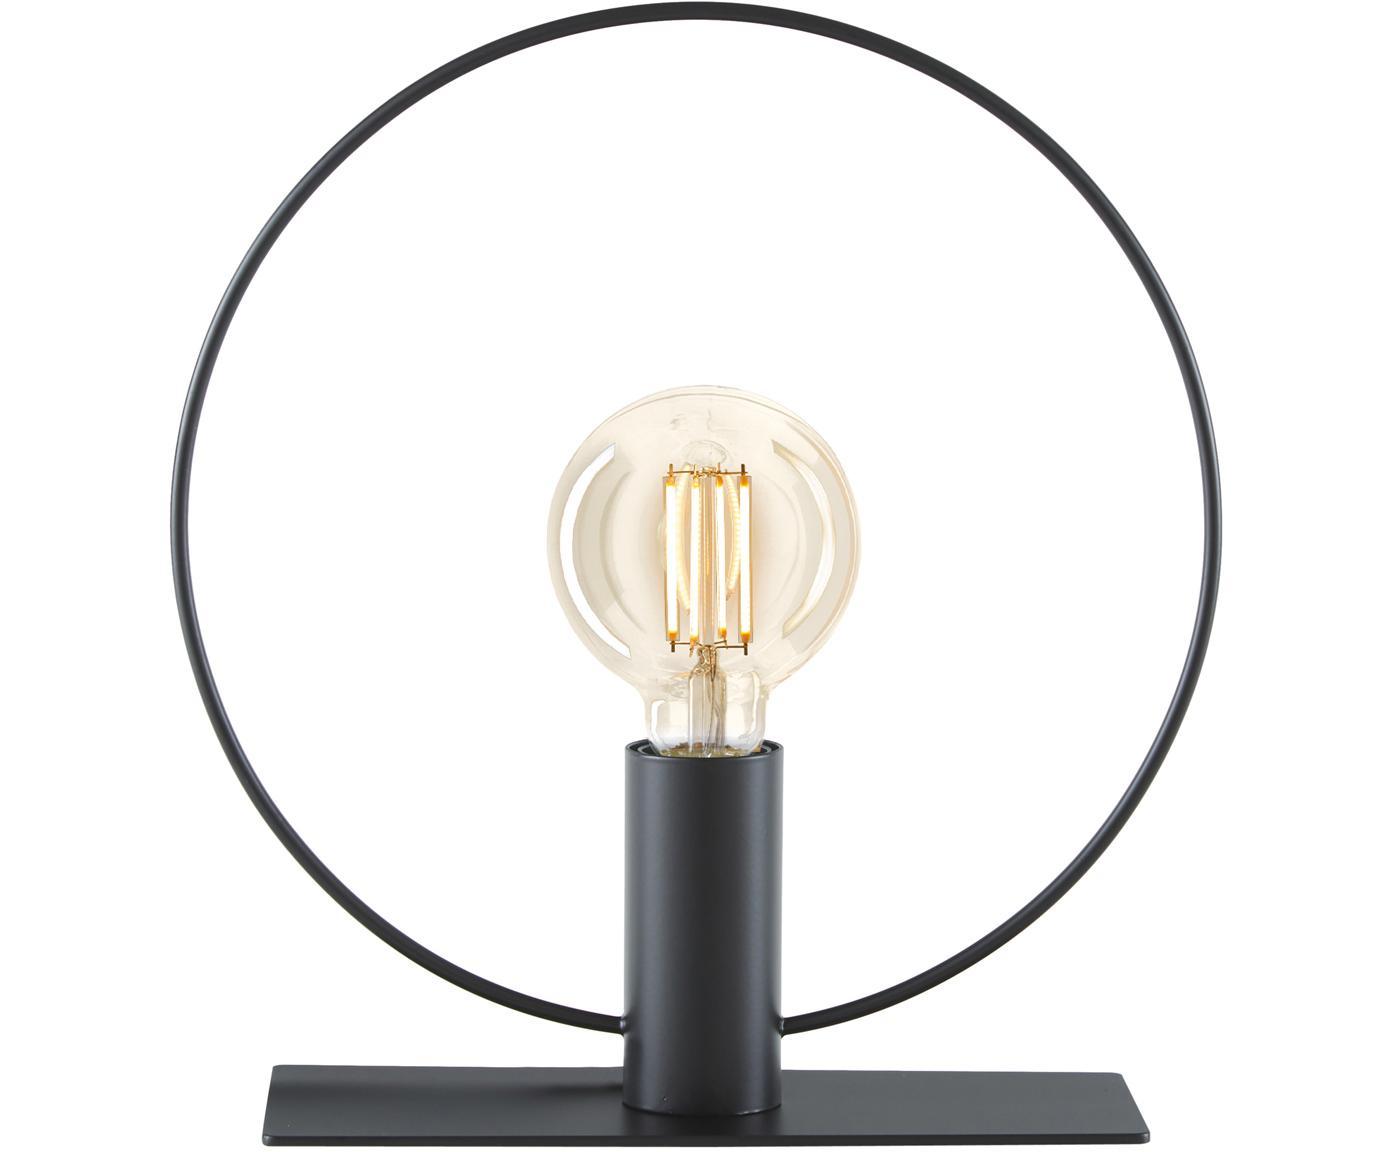 Lampada da tavolo Pria, Paralume: metallo verniciato a polv, Base della lampada: metallo verniciato a polv, Nero, Ø 30 x Alt. 33 cm